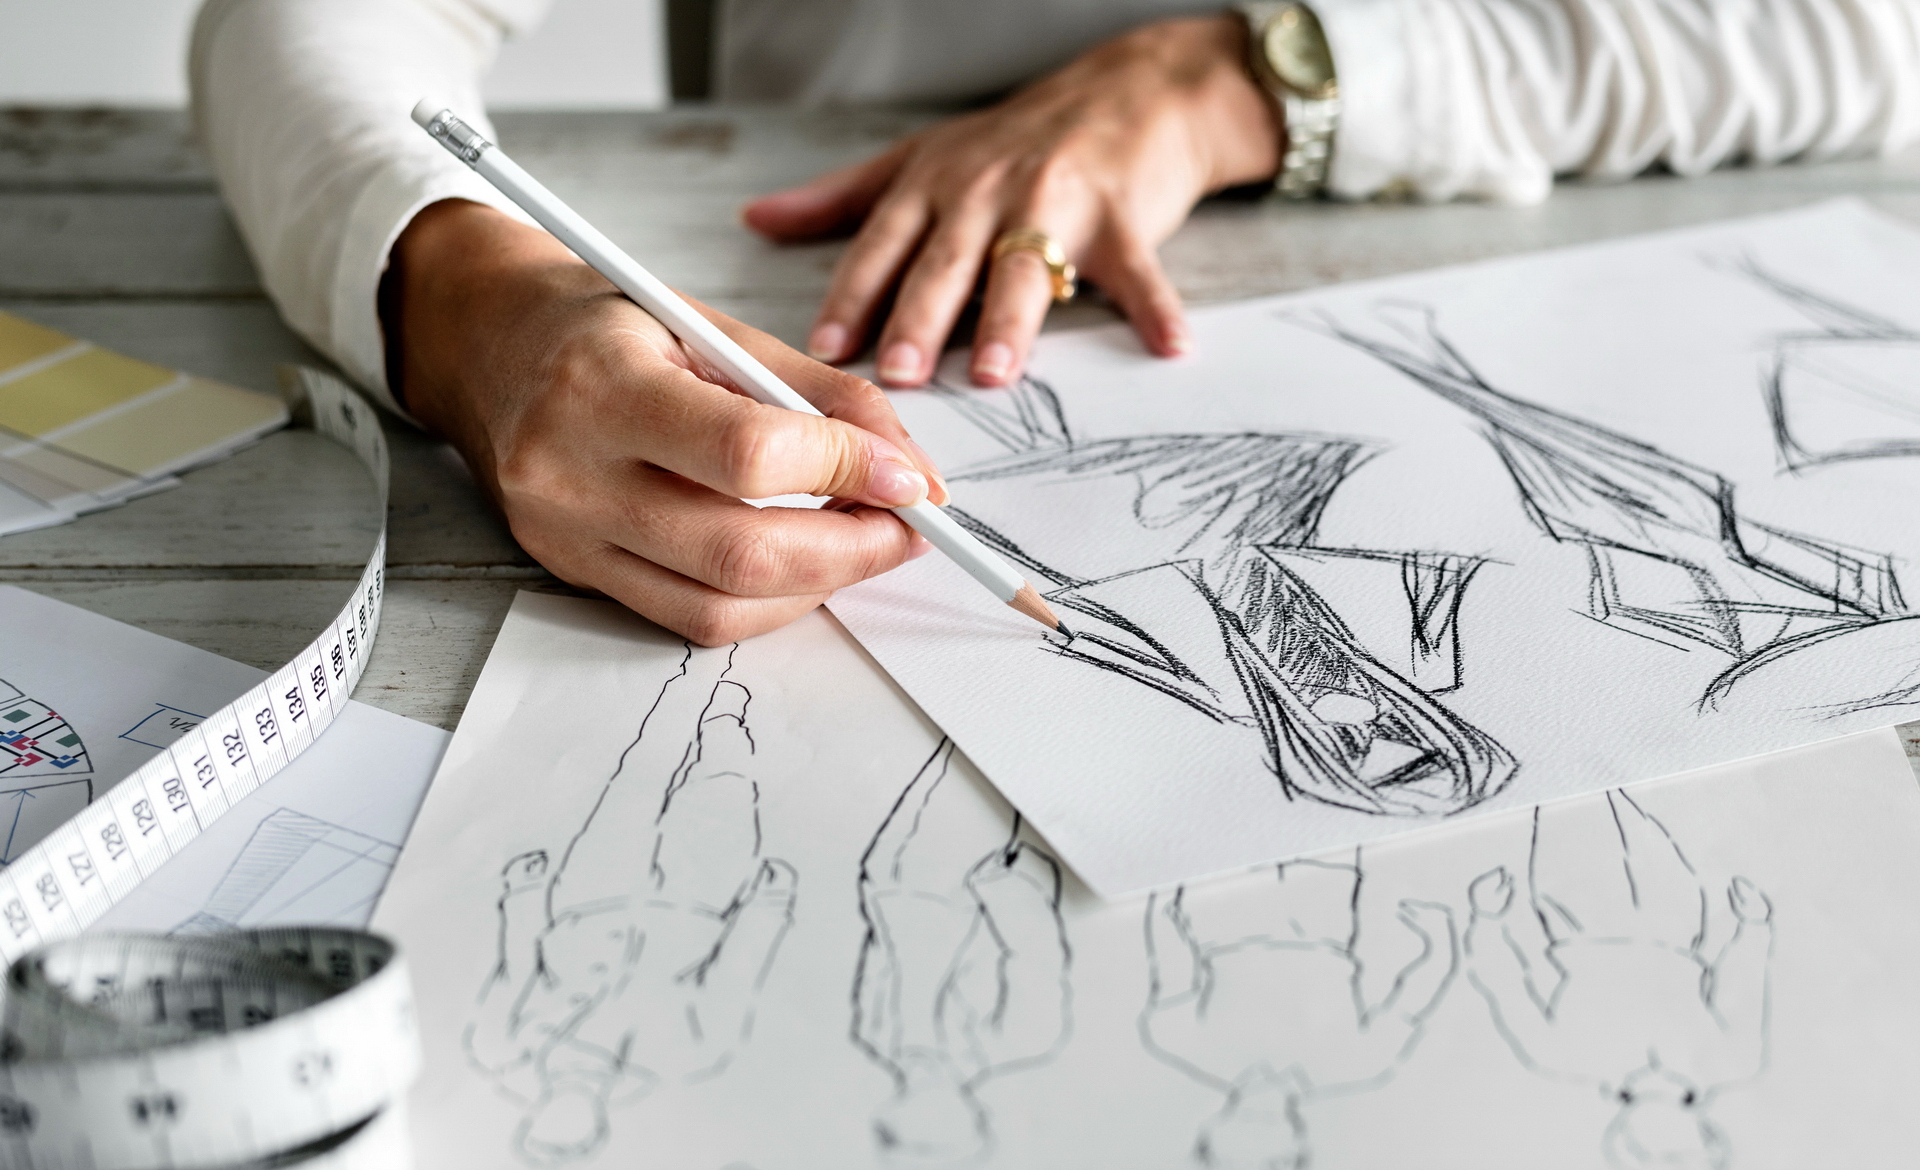 Berufsorietiertes Zeichnen - Modedesign